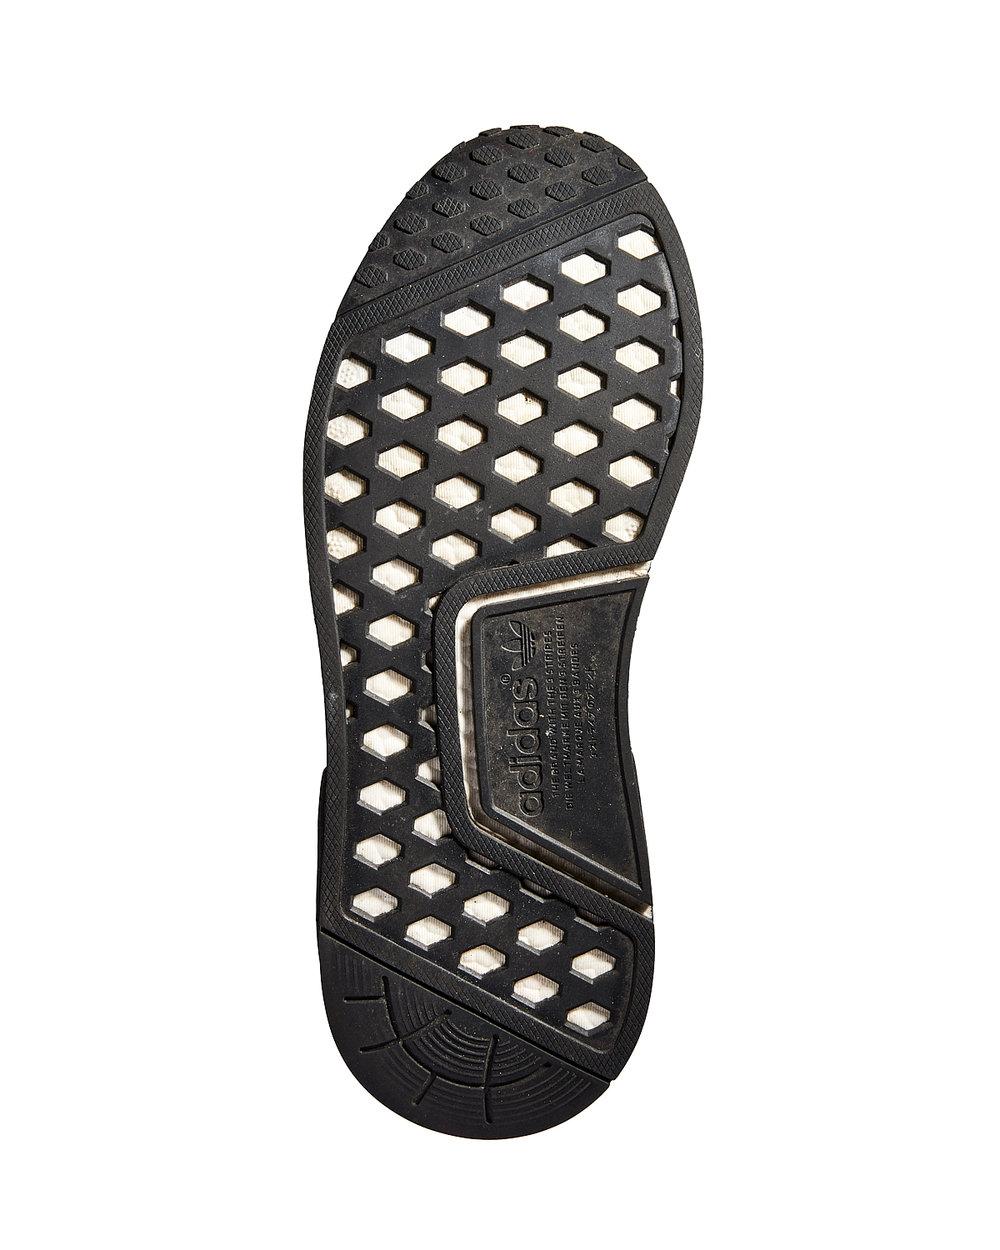 SOLES_ADDIDAS_NMD_R1_BLACK_18561.jpg